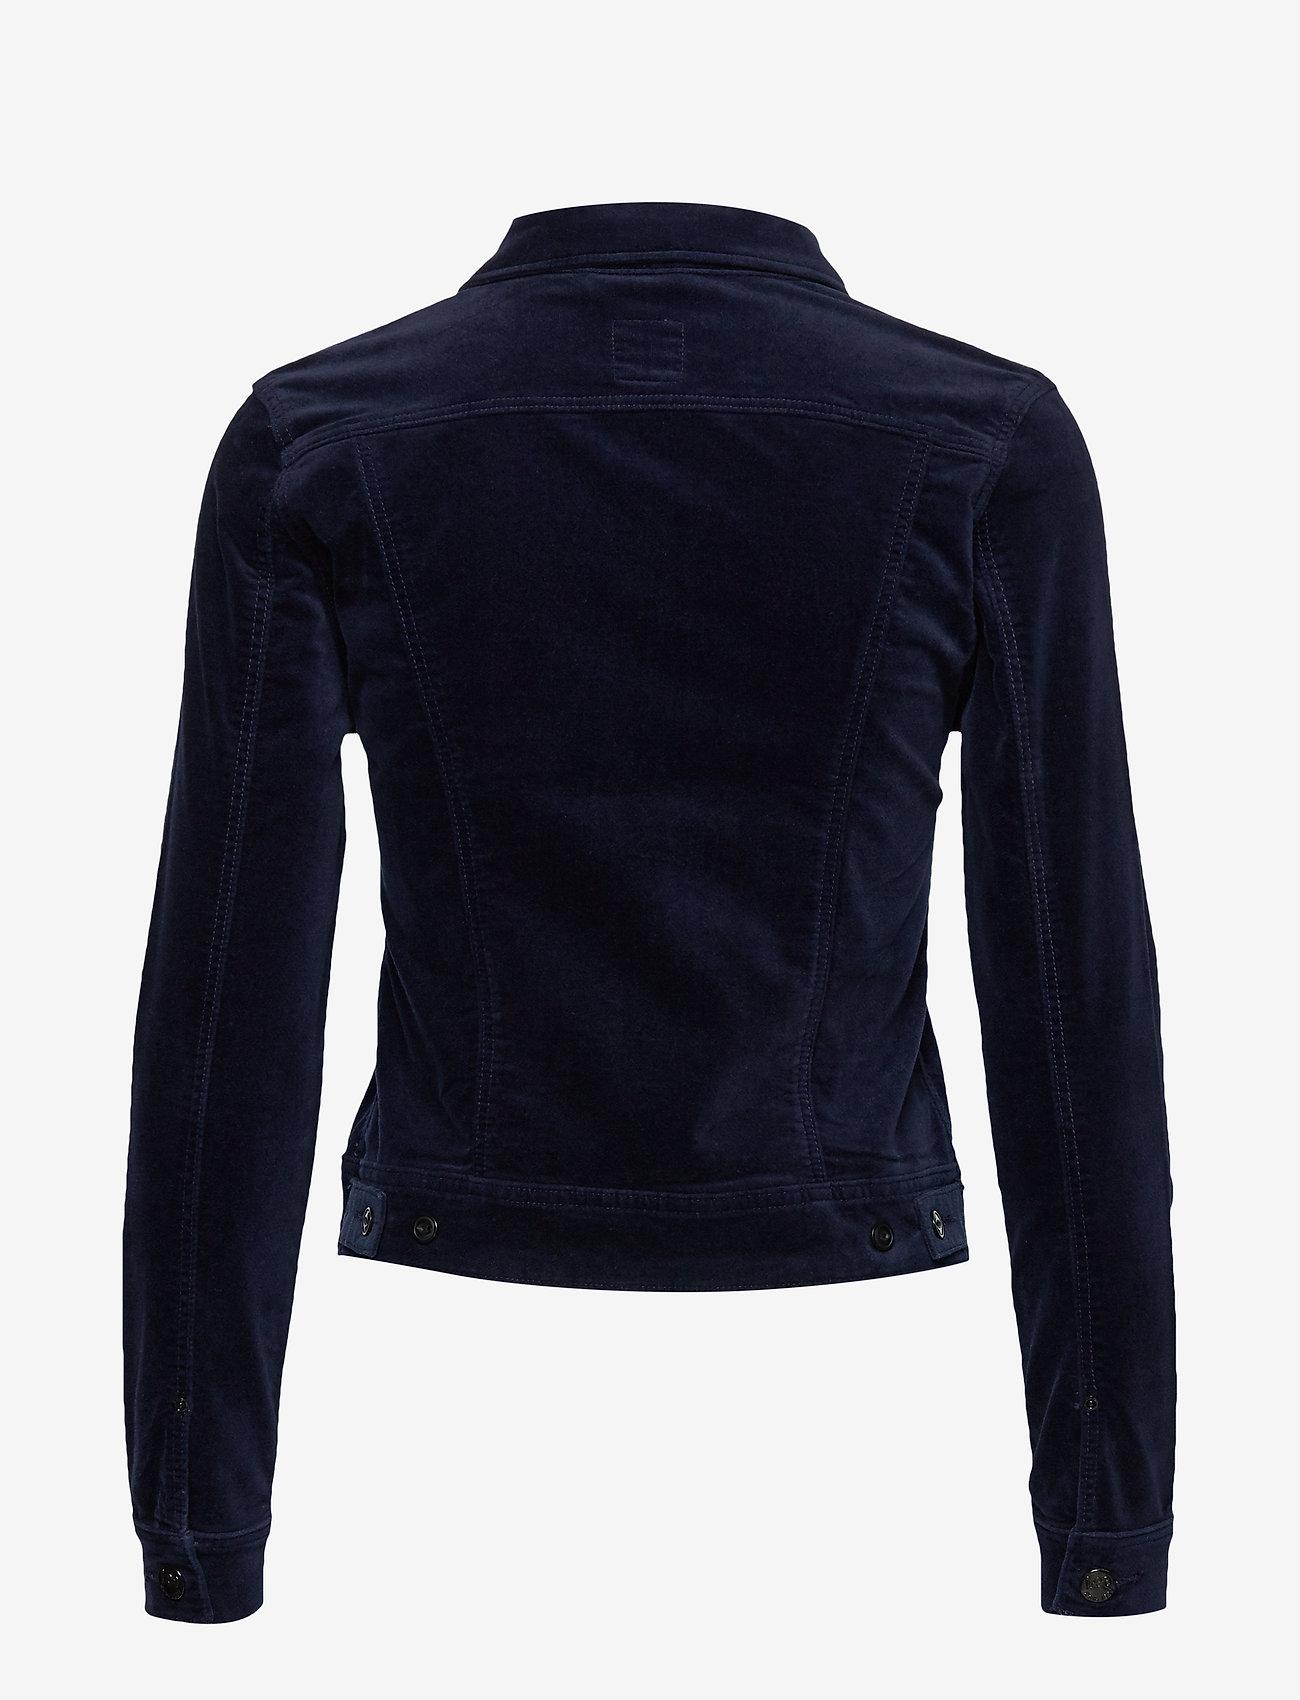 Lee Jeans - SLIM RIDER - jeansjakker - midnight velvet - 1